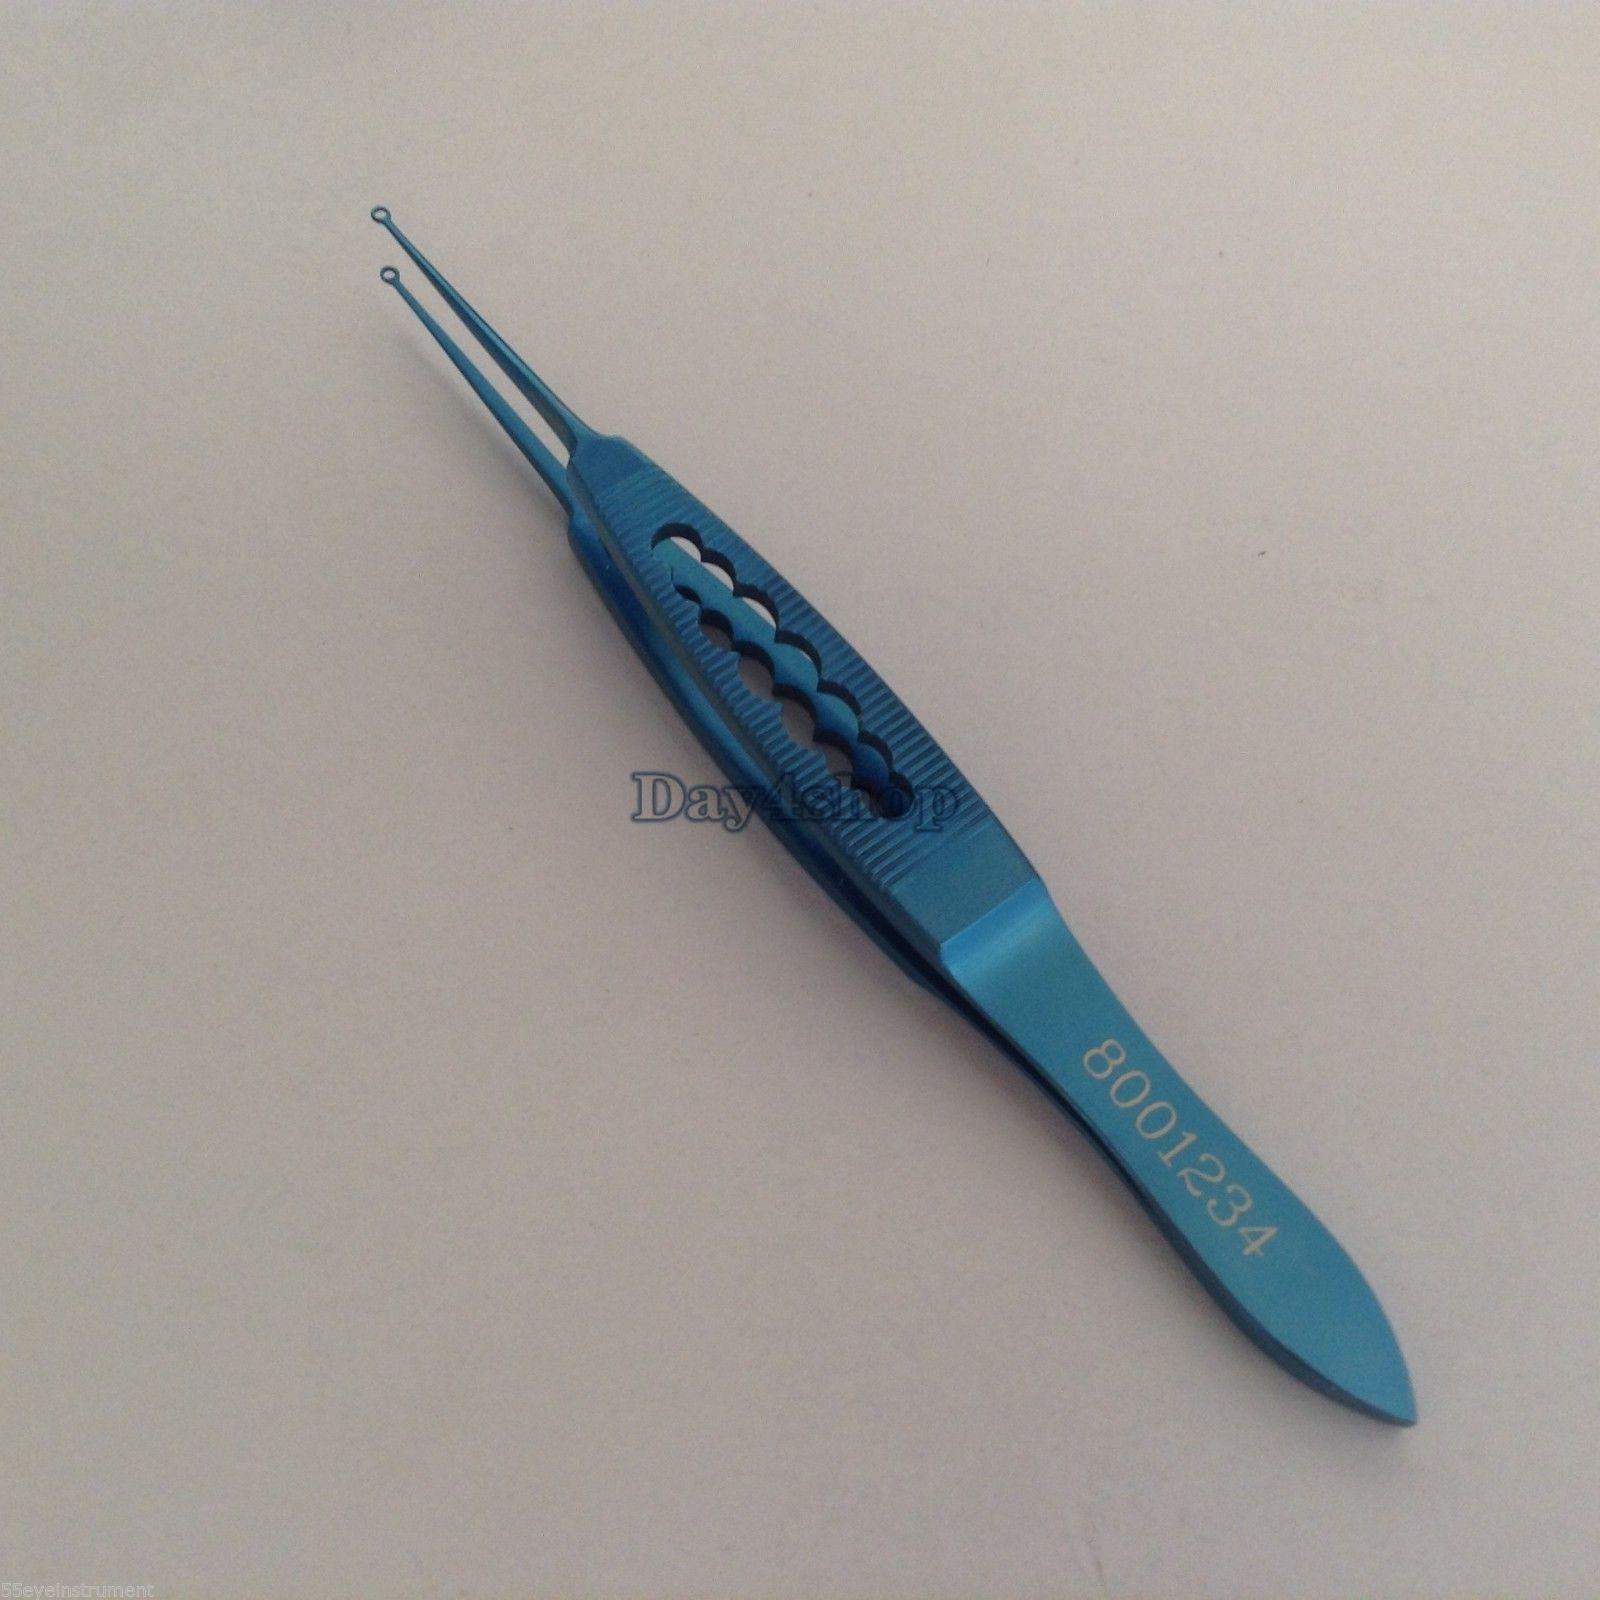 Titanium Fechtner Conjunctiva forceps ophthalmic surgical ophthalmic instruments ophthalmic hydrogel